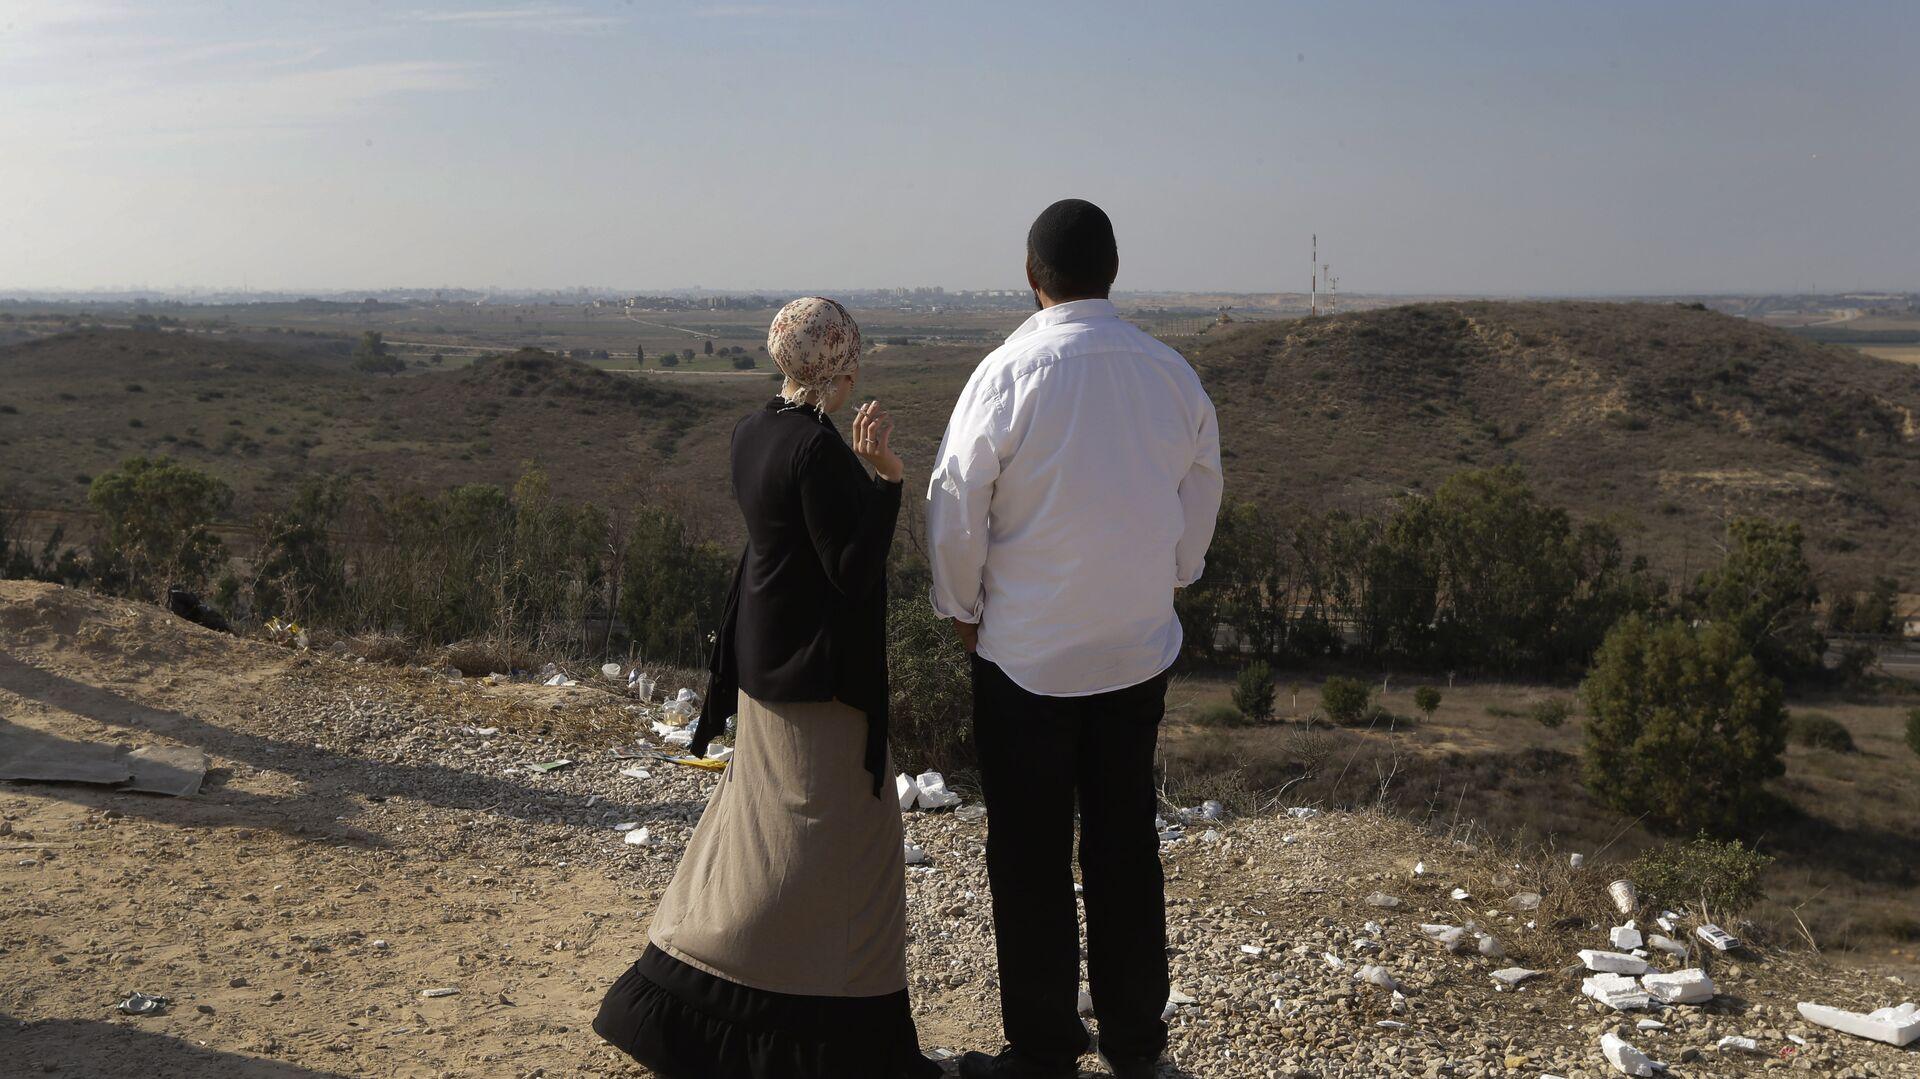 Израильтяне на фоне панорамы Сектора Газа на окраине израильского города Сдерот - РИА Новости, 1920, 15.06.2021